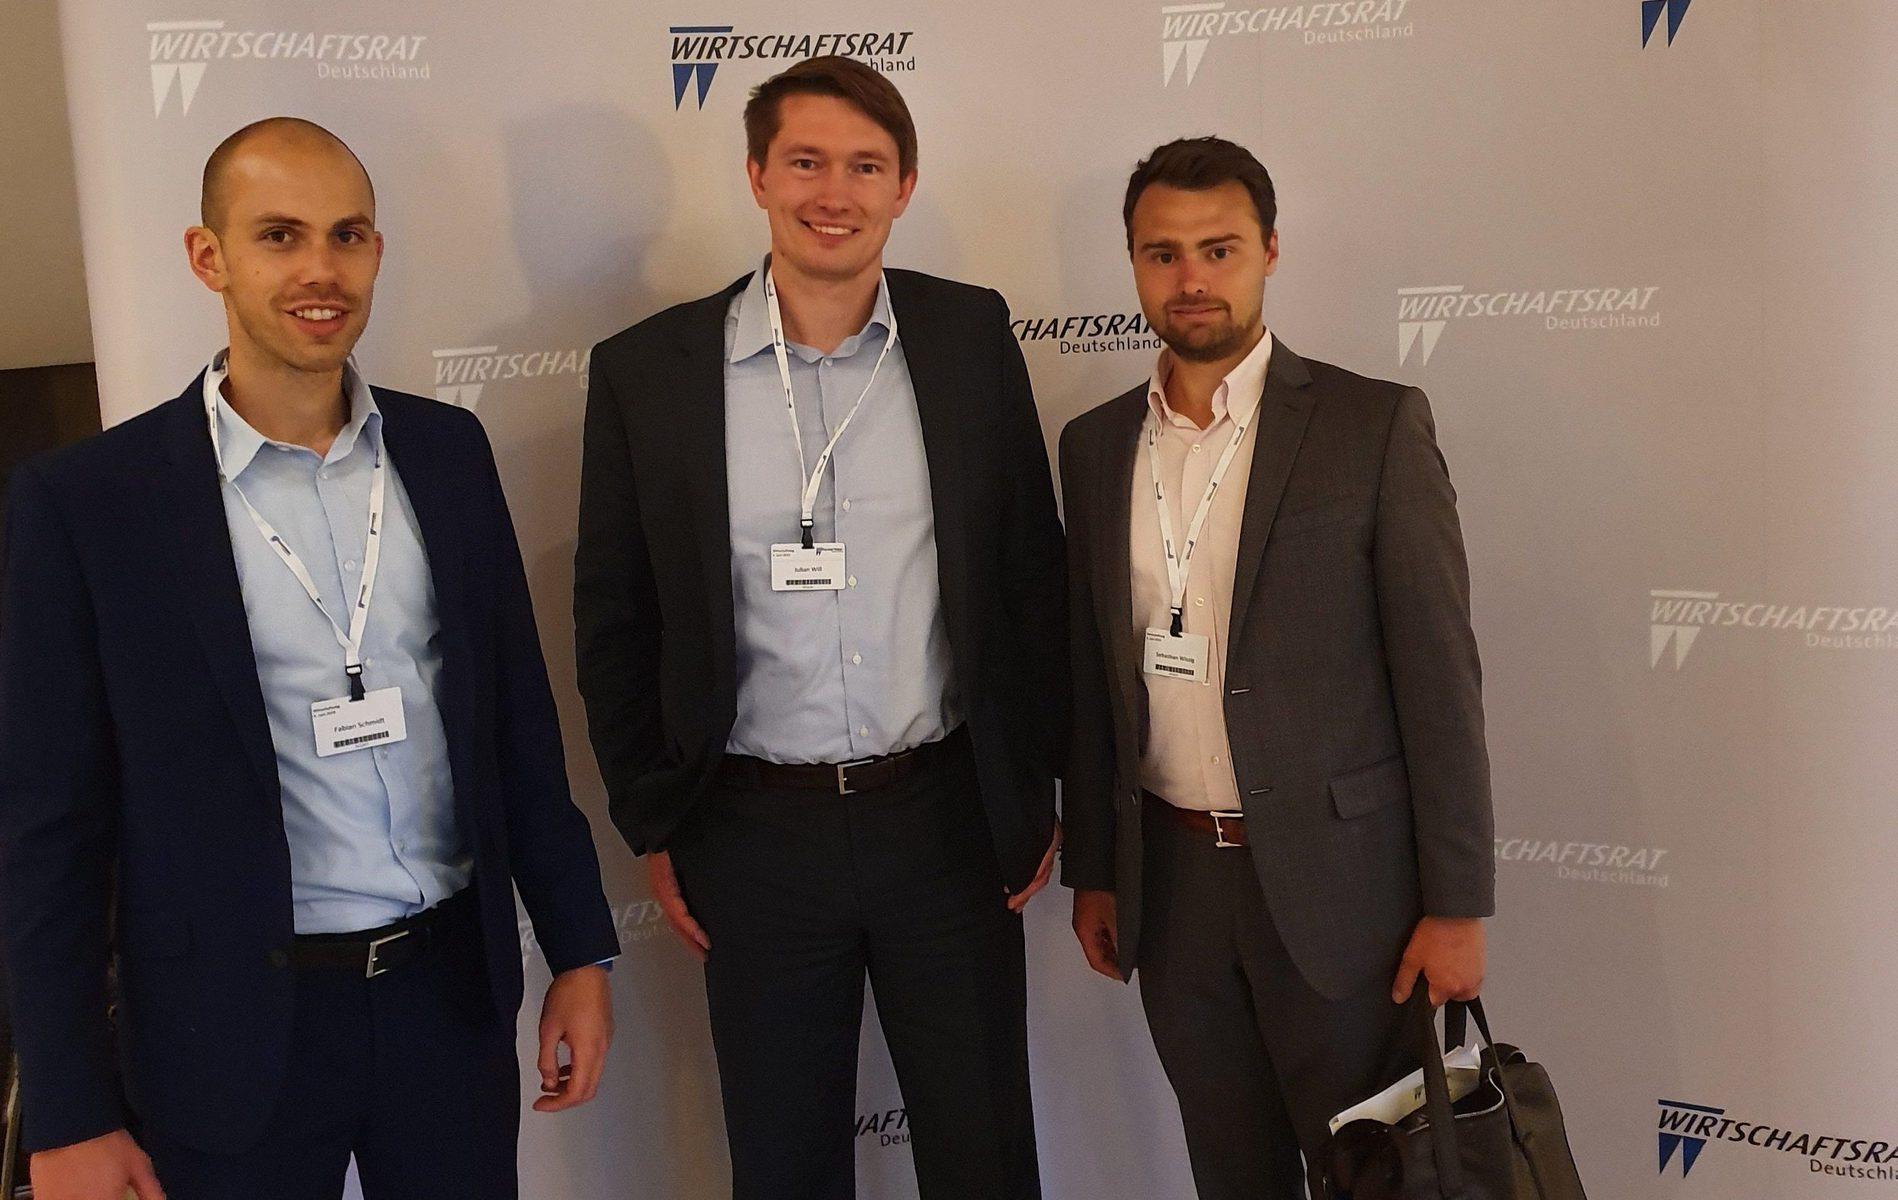 Sonntag CF und Nachfolgekontor beim Wirtschaftstag in Berlin - Fabian Schmidt, Julian Will und Sebastian Wissig